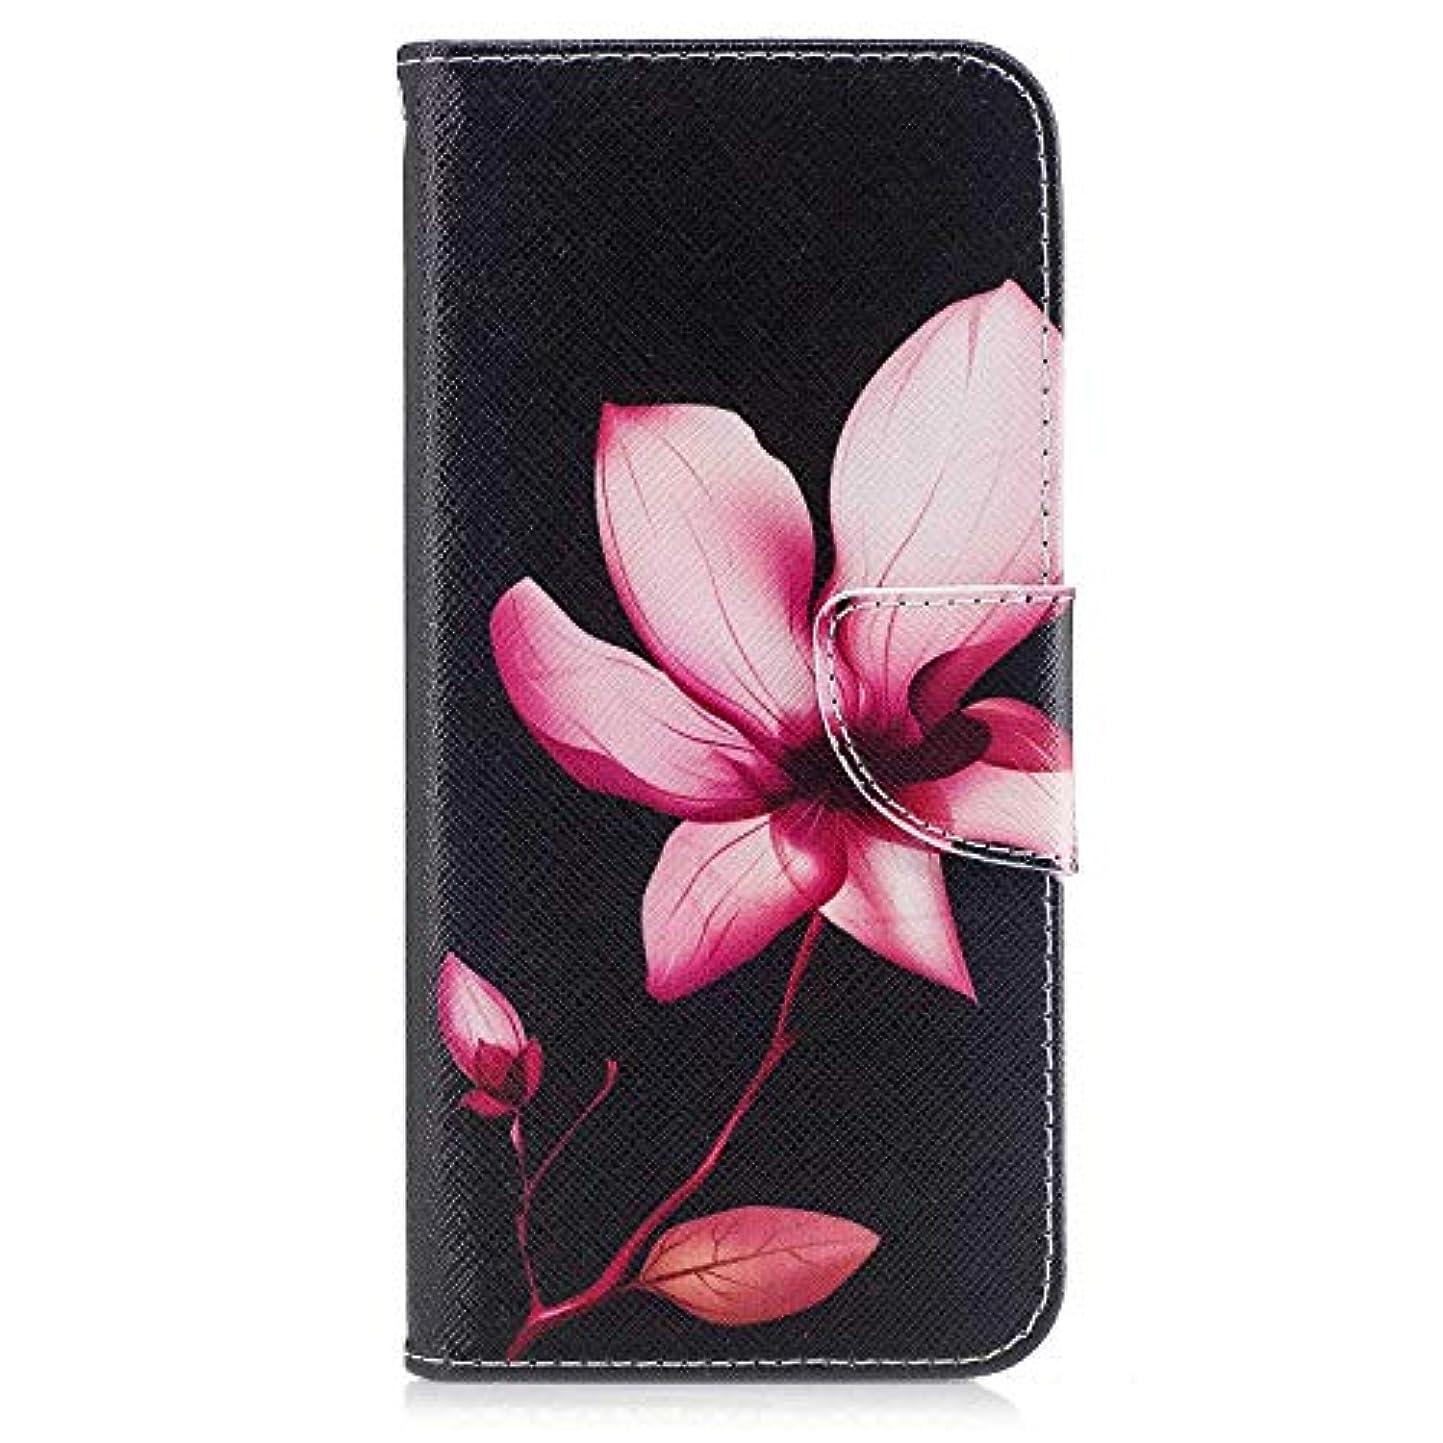 商人仮定盲目OMATENTI Galaxy S8 Plus ケース, ファッション人気 PUレザー 手帳 軽量 電話ケース 耐衝撃性 落下防止 薄型 スマホケースザー 付きスタンド機能, マグネット開閉式 そしてカード収納 Galaxy S8 Plus 用 Case Cover, 花